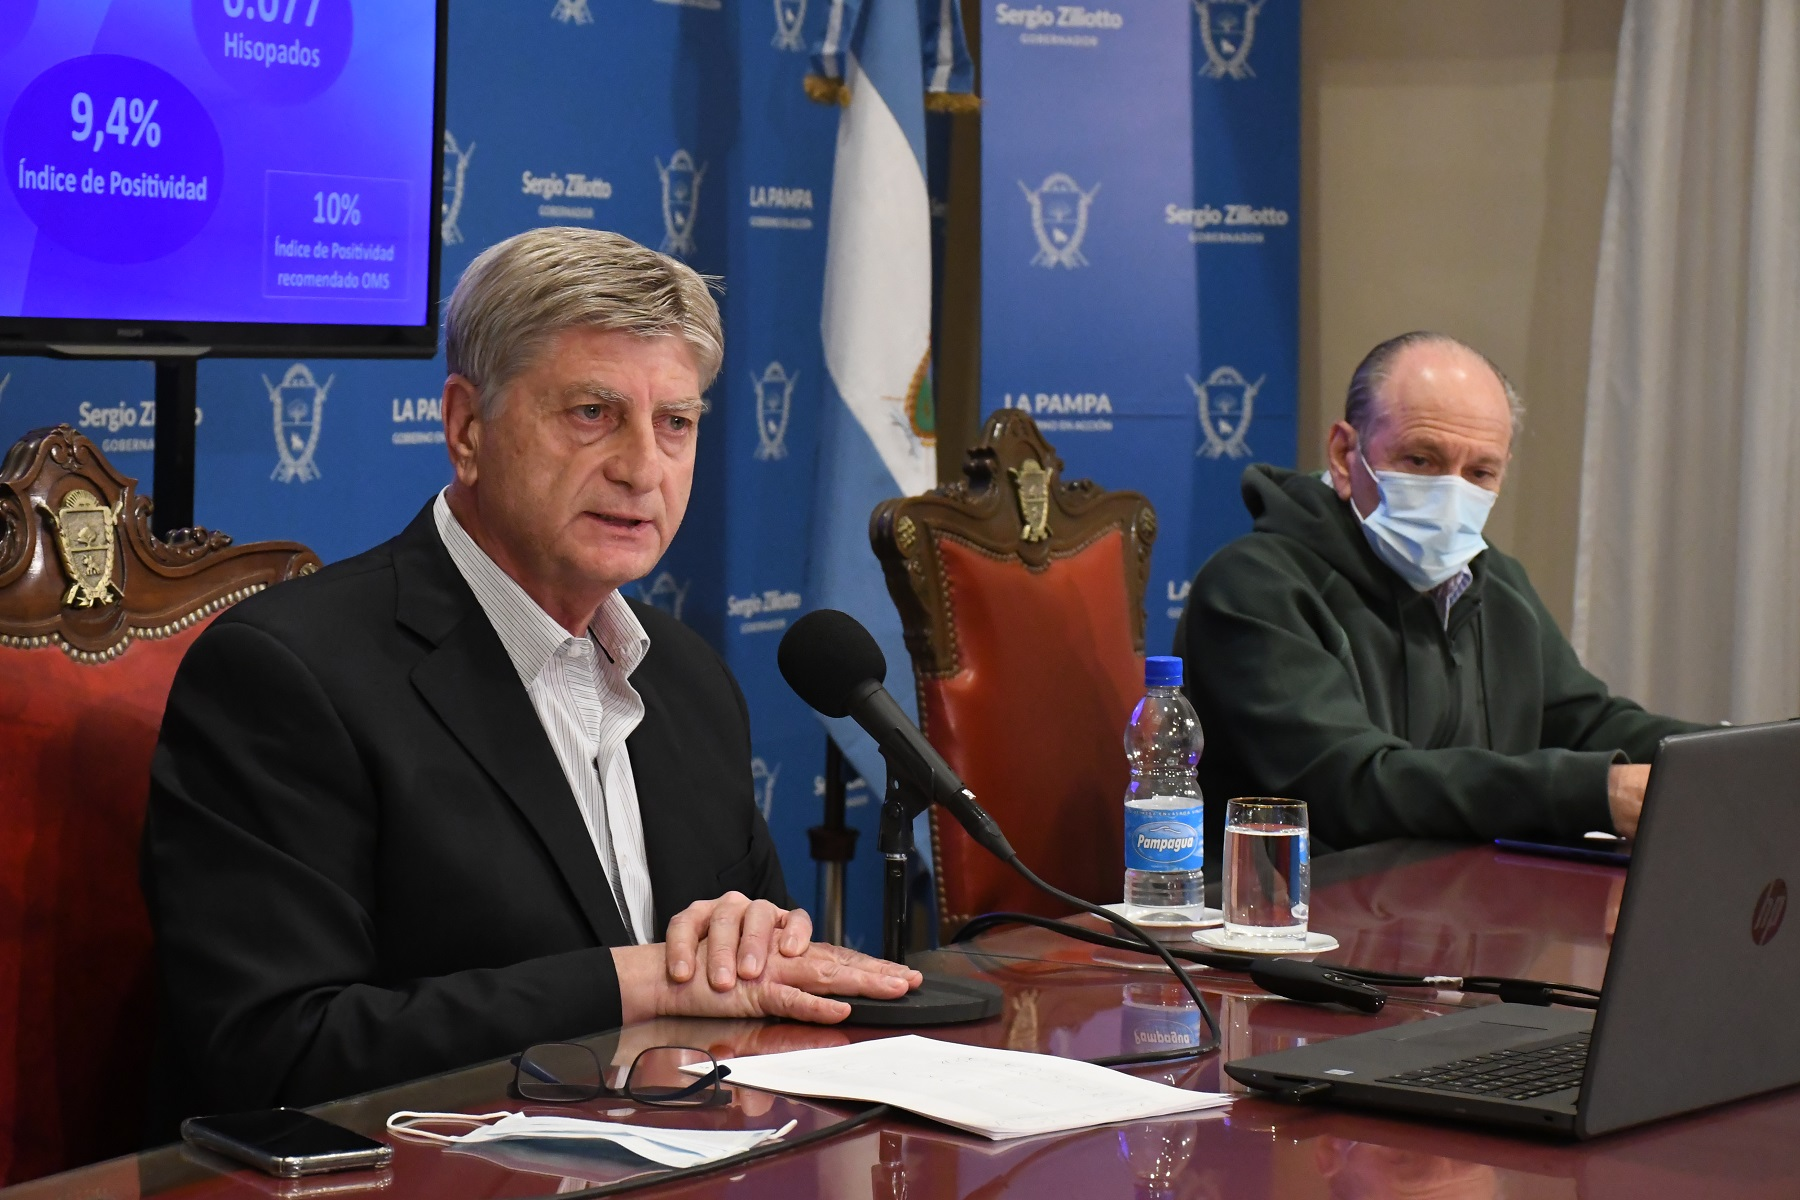 Mirá la conferencia de prensa del Gobernador Sergio Ziliotto